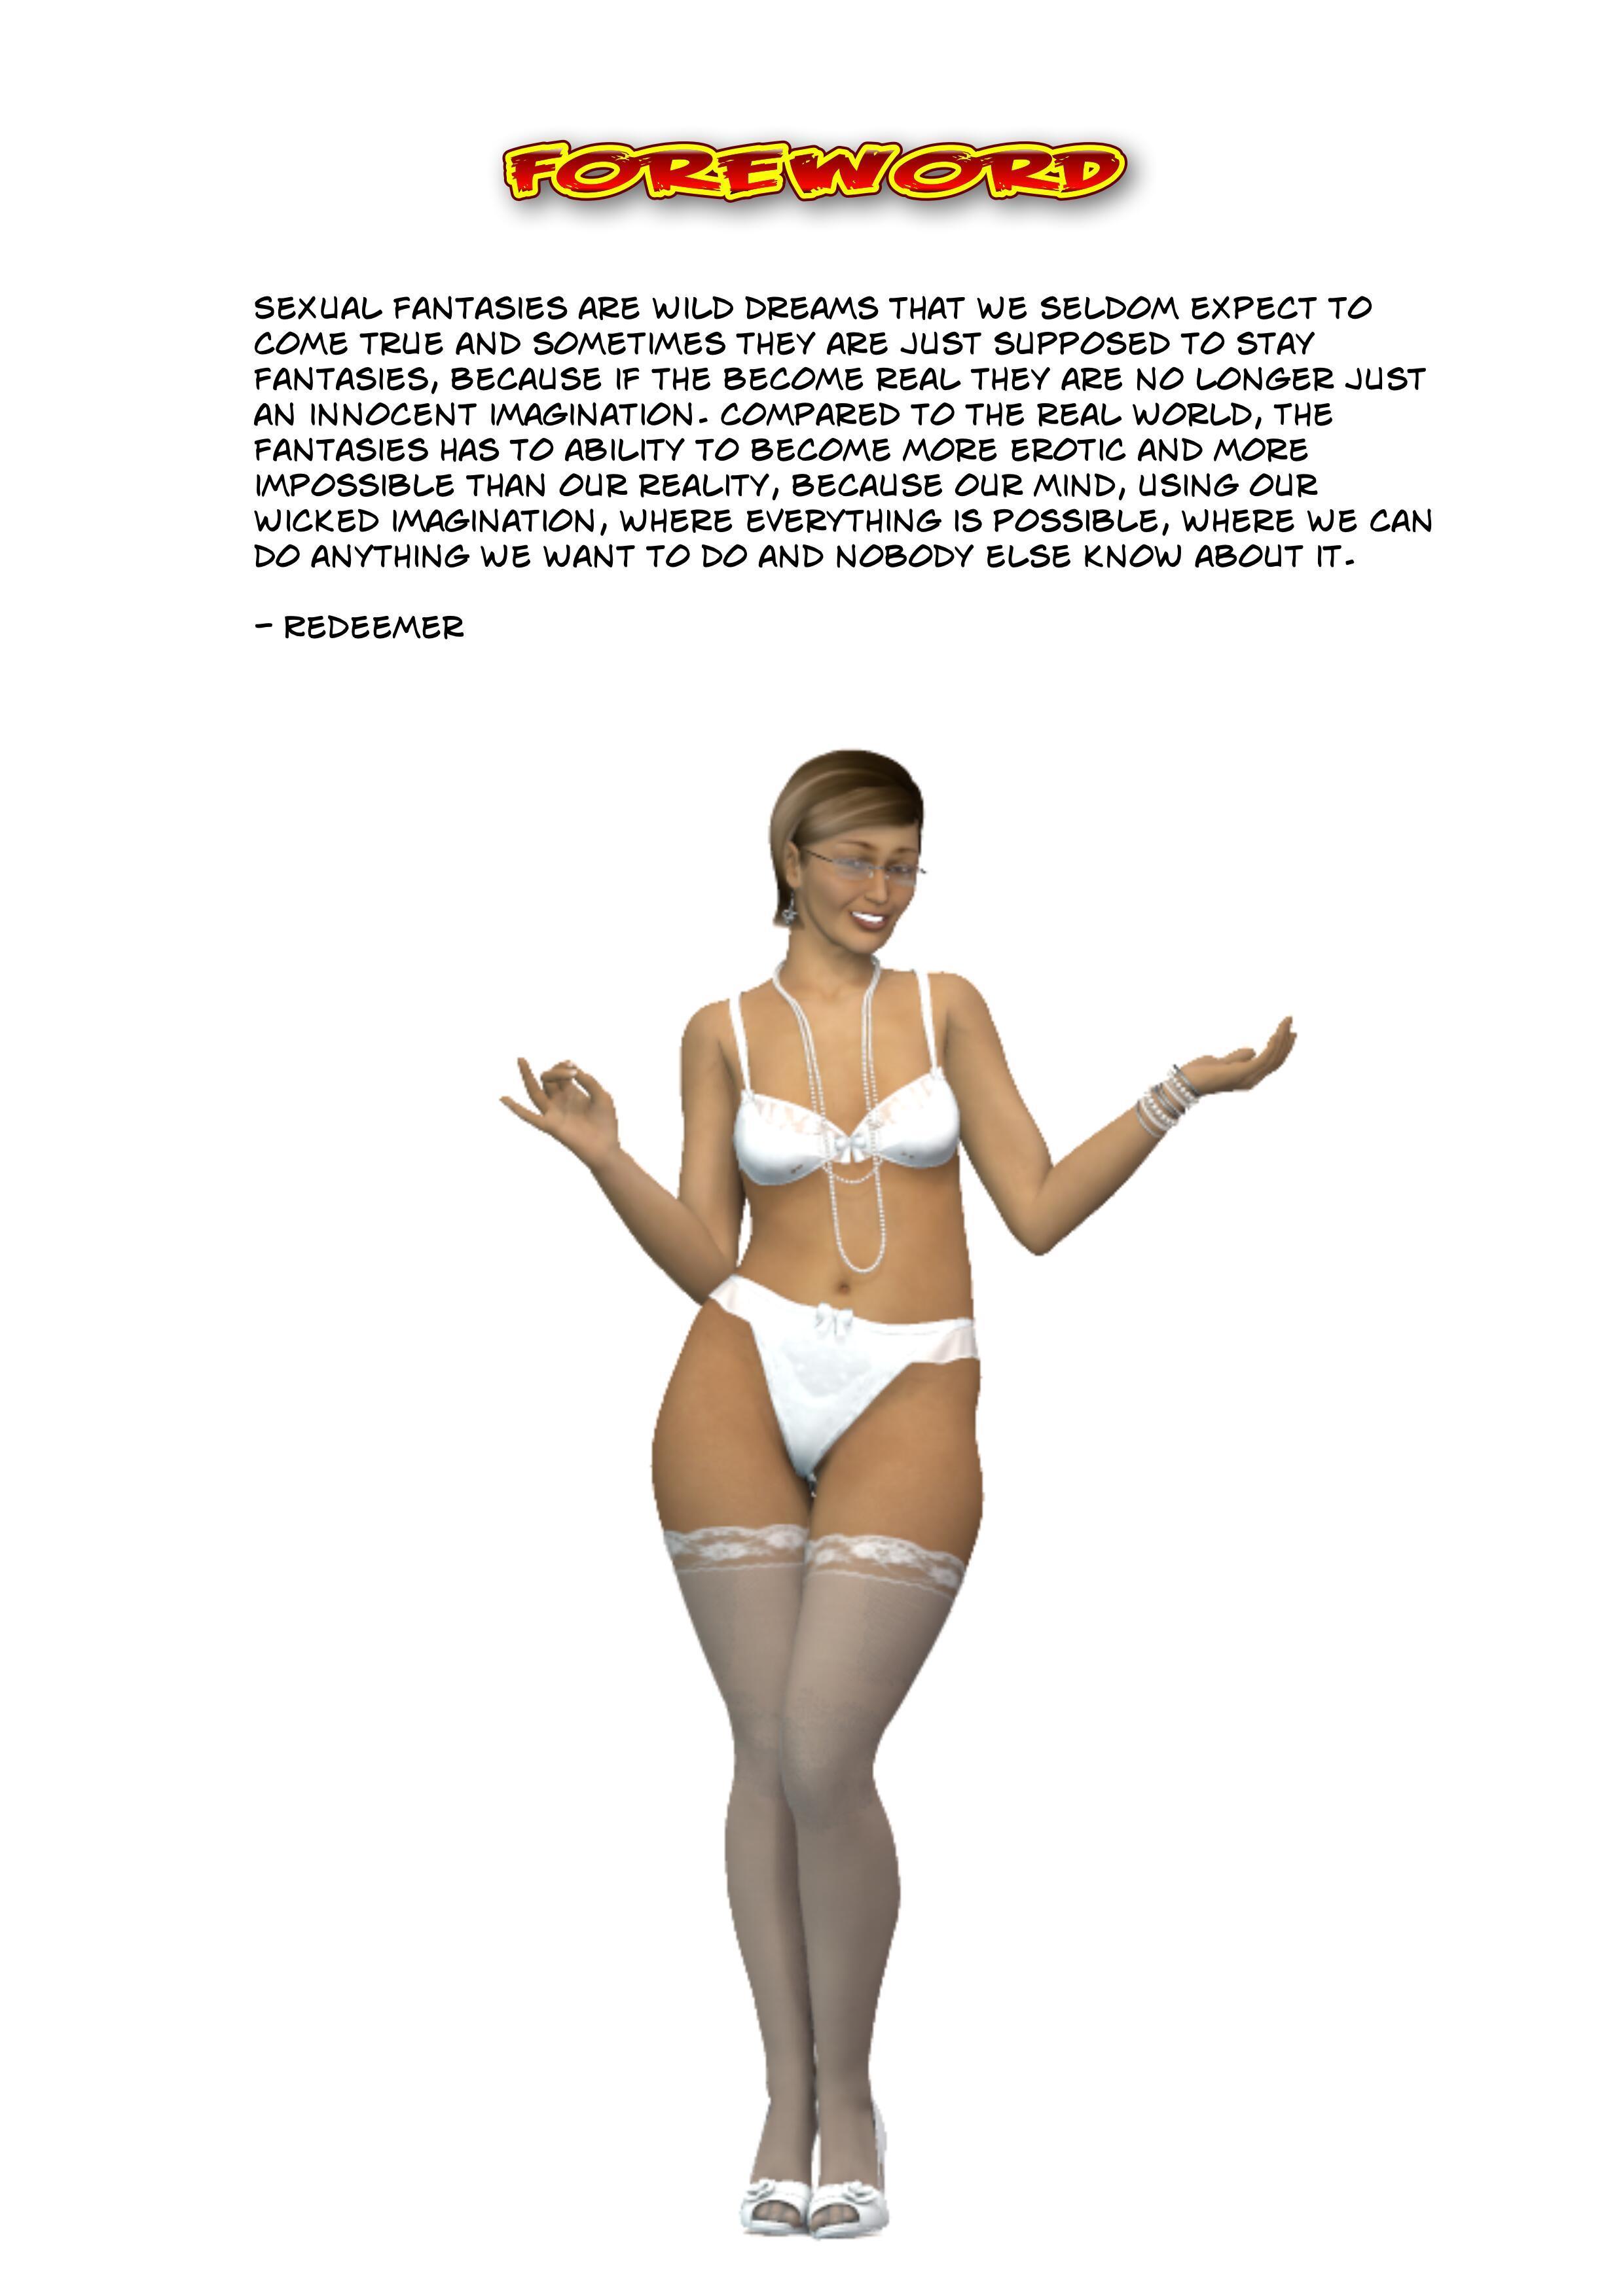 redeemer- mama in the raw free cartoon porn comic - hd porn comics